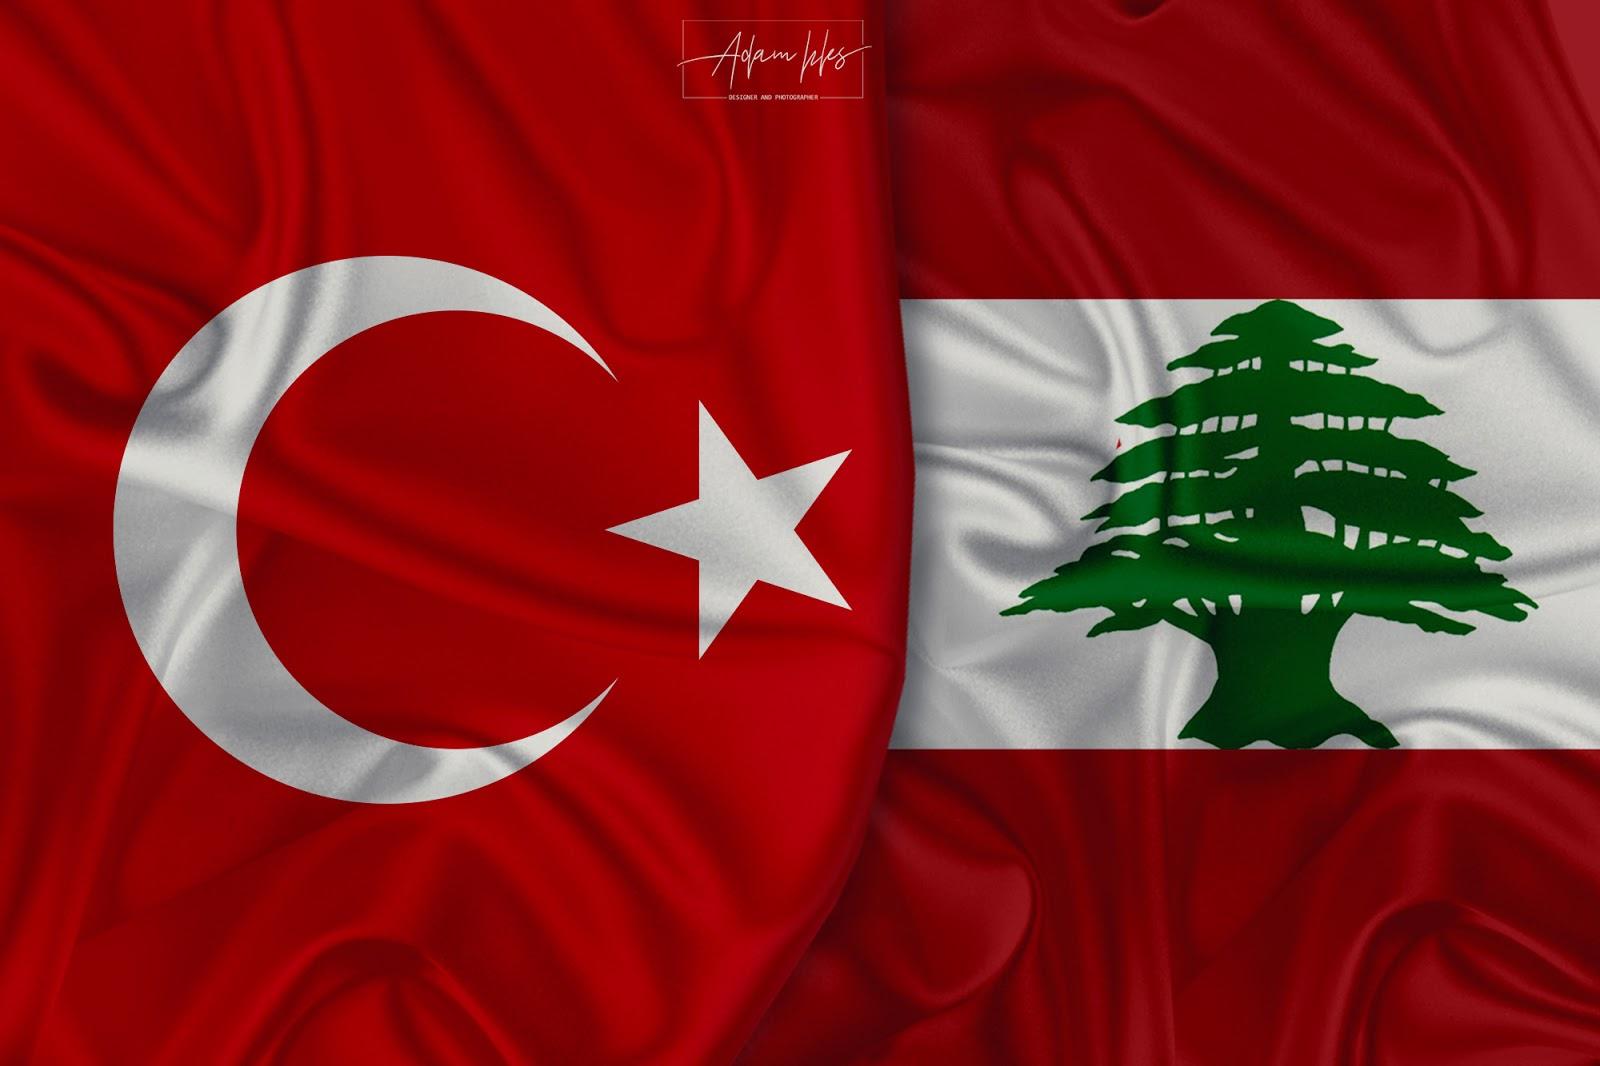 علم تركيا مع علم لبنان